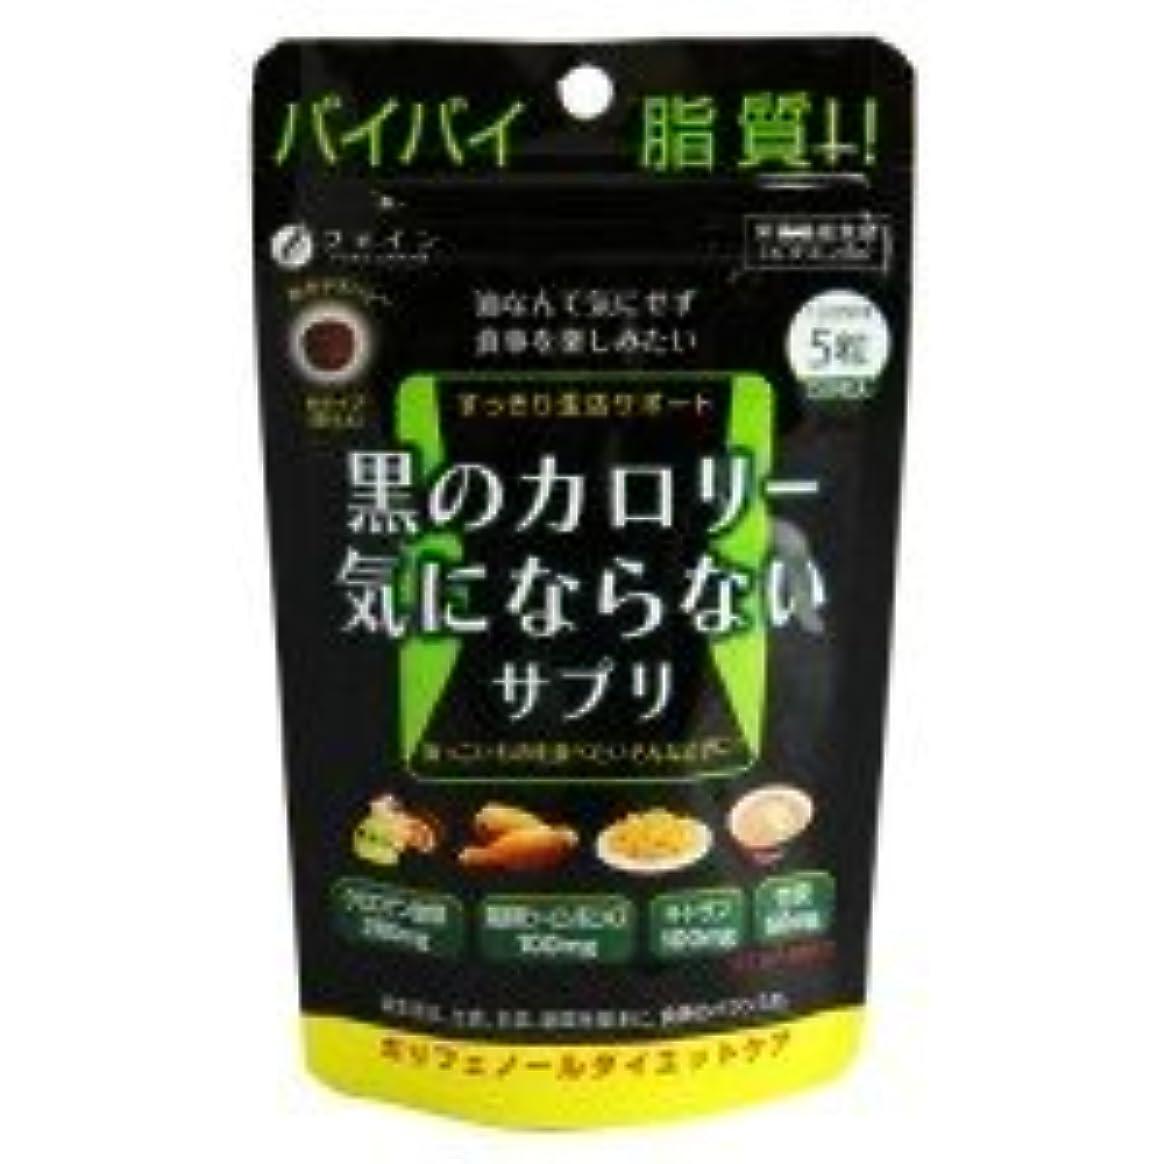 いま鉱夫モデレータファイン 黒のカロリー気にならない 栄養機能食品(ビタミンB6) 30g(200mg×150粒)